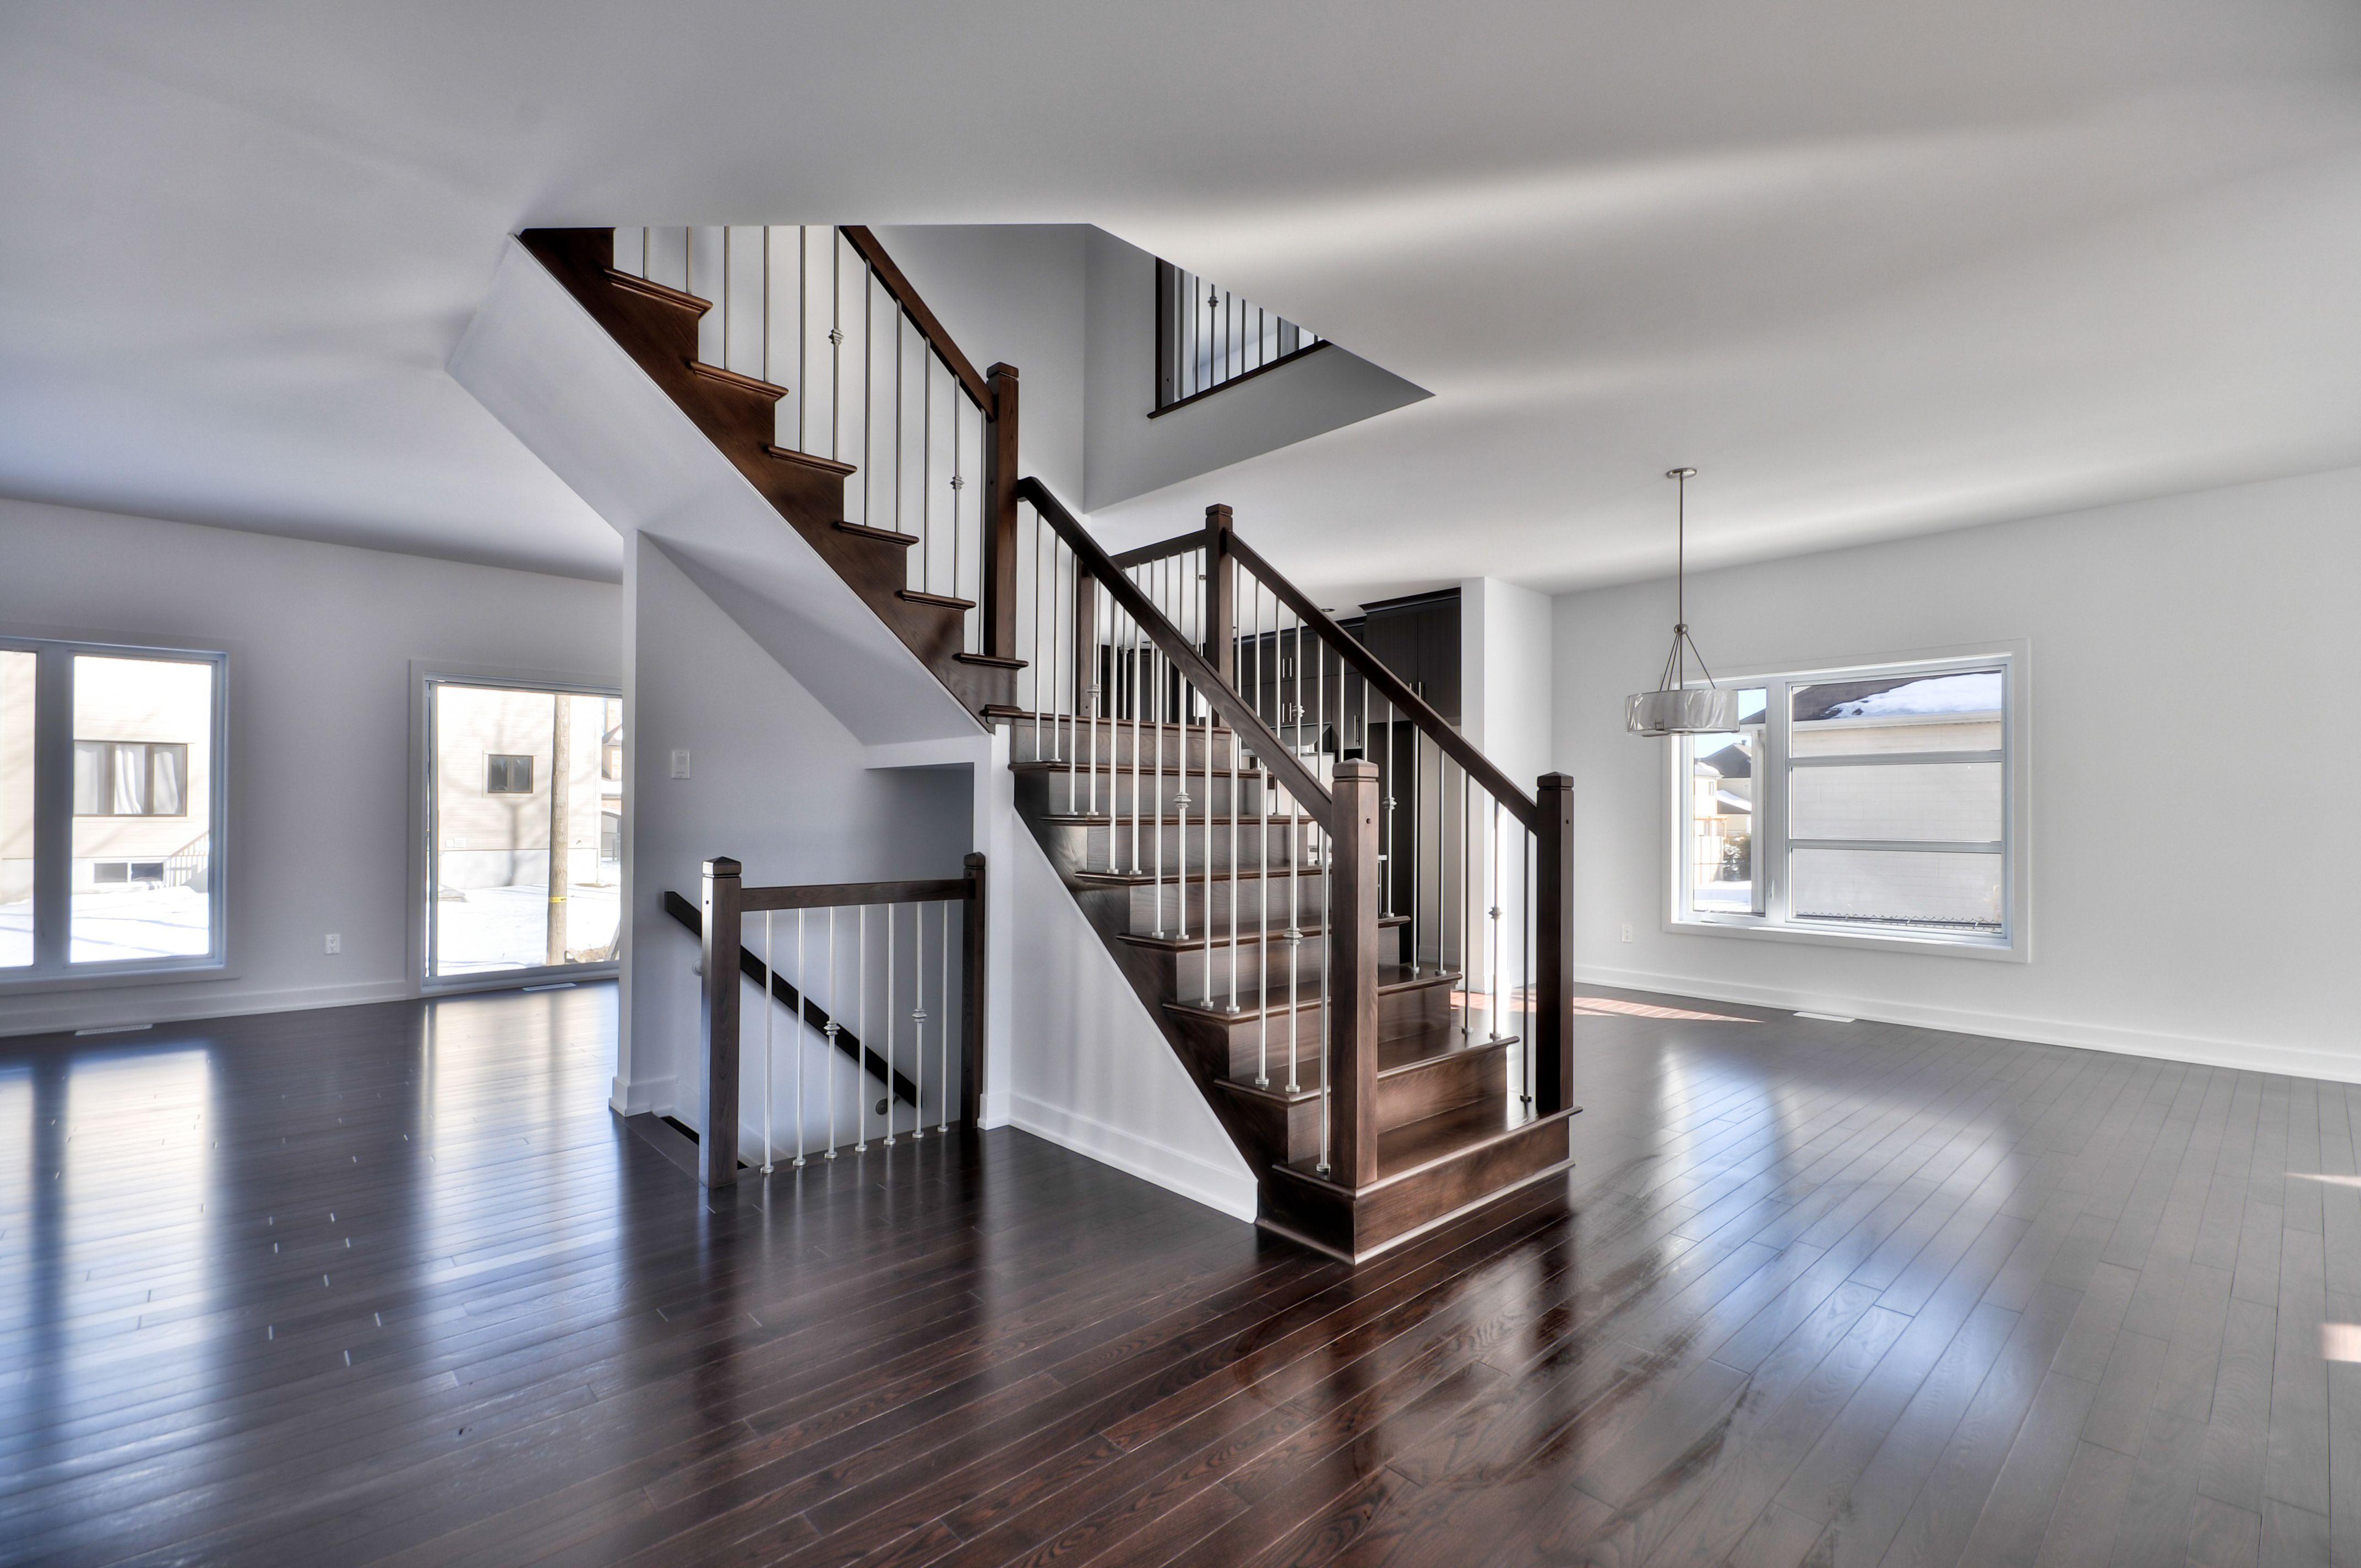 Escalier en bois franc avec maison air ouverte. Maison neuve ...